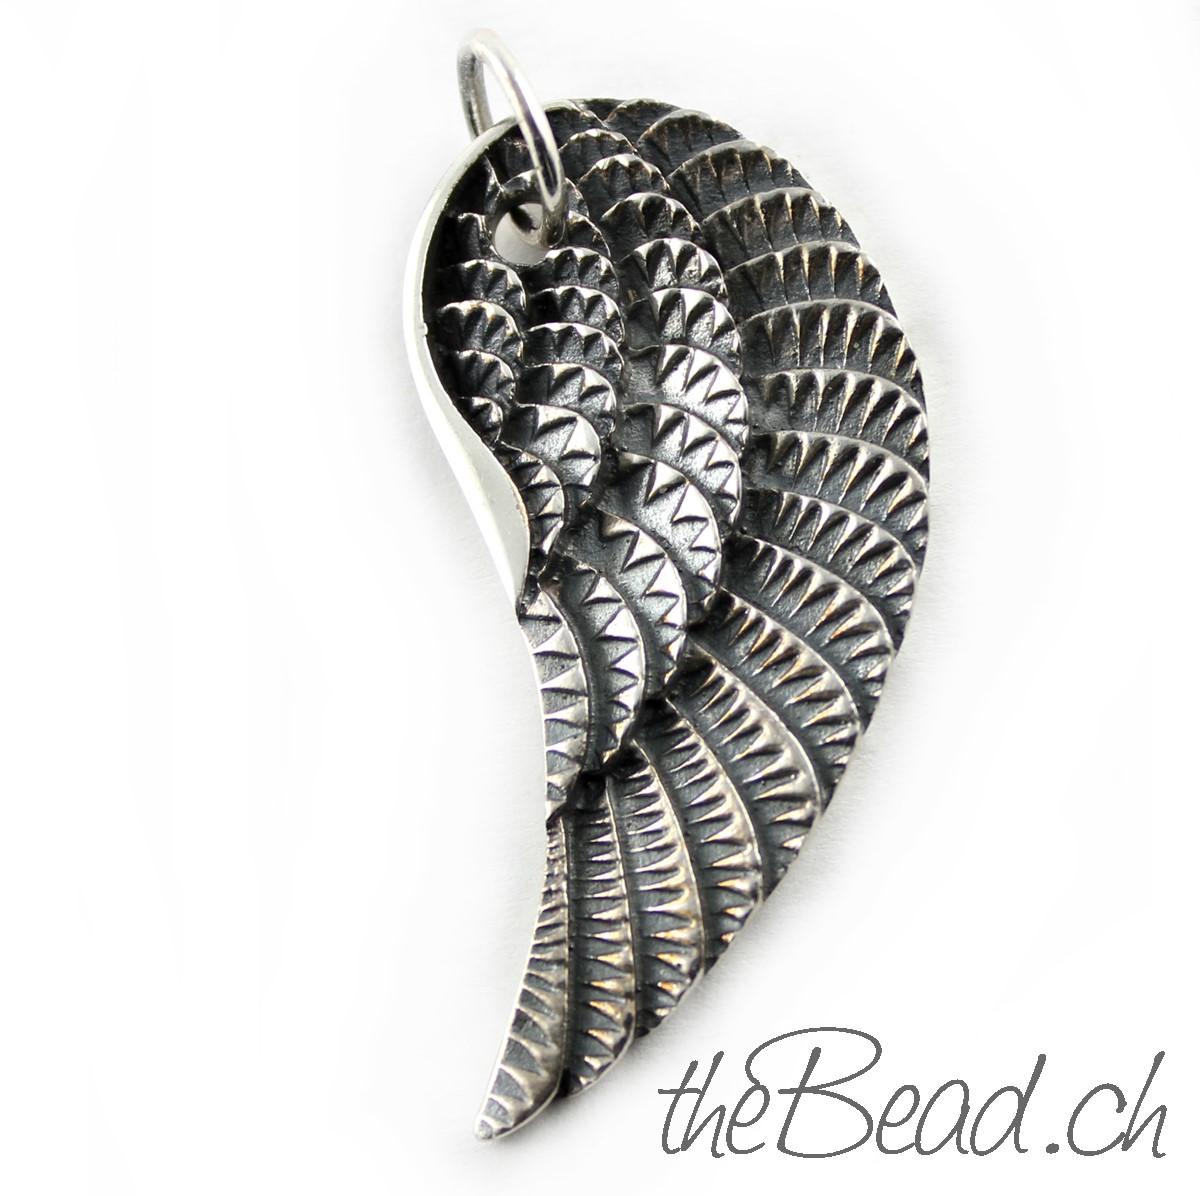 Silberanhänger für Ketten von Ihrem schweizer Schmuck Onlineshop theBead